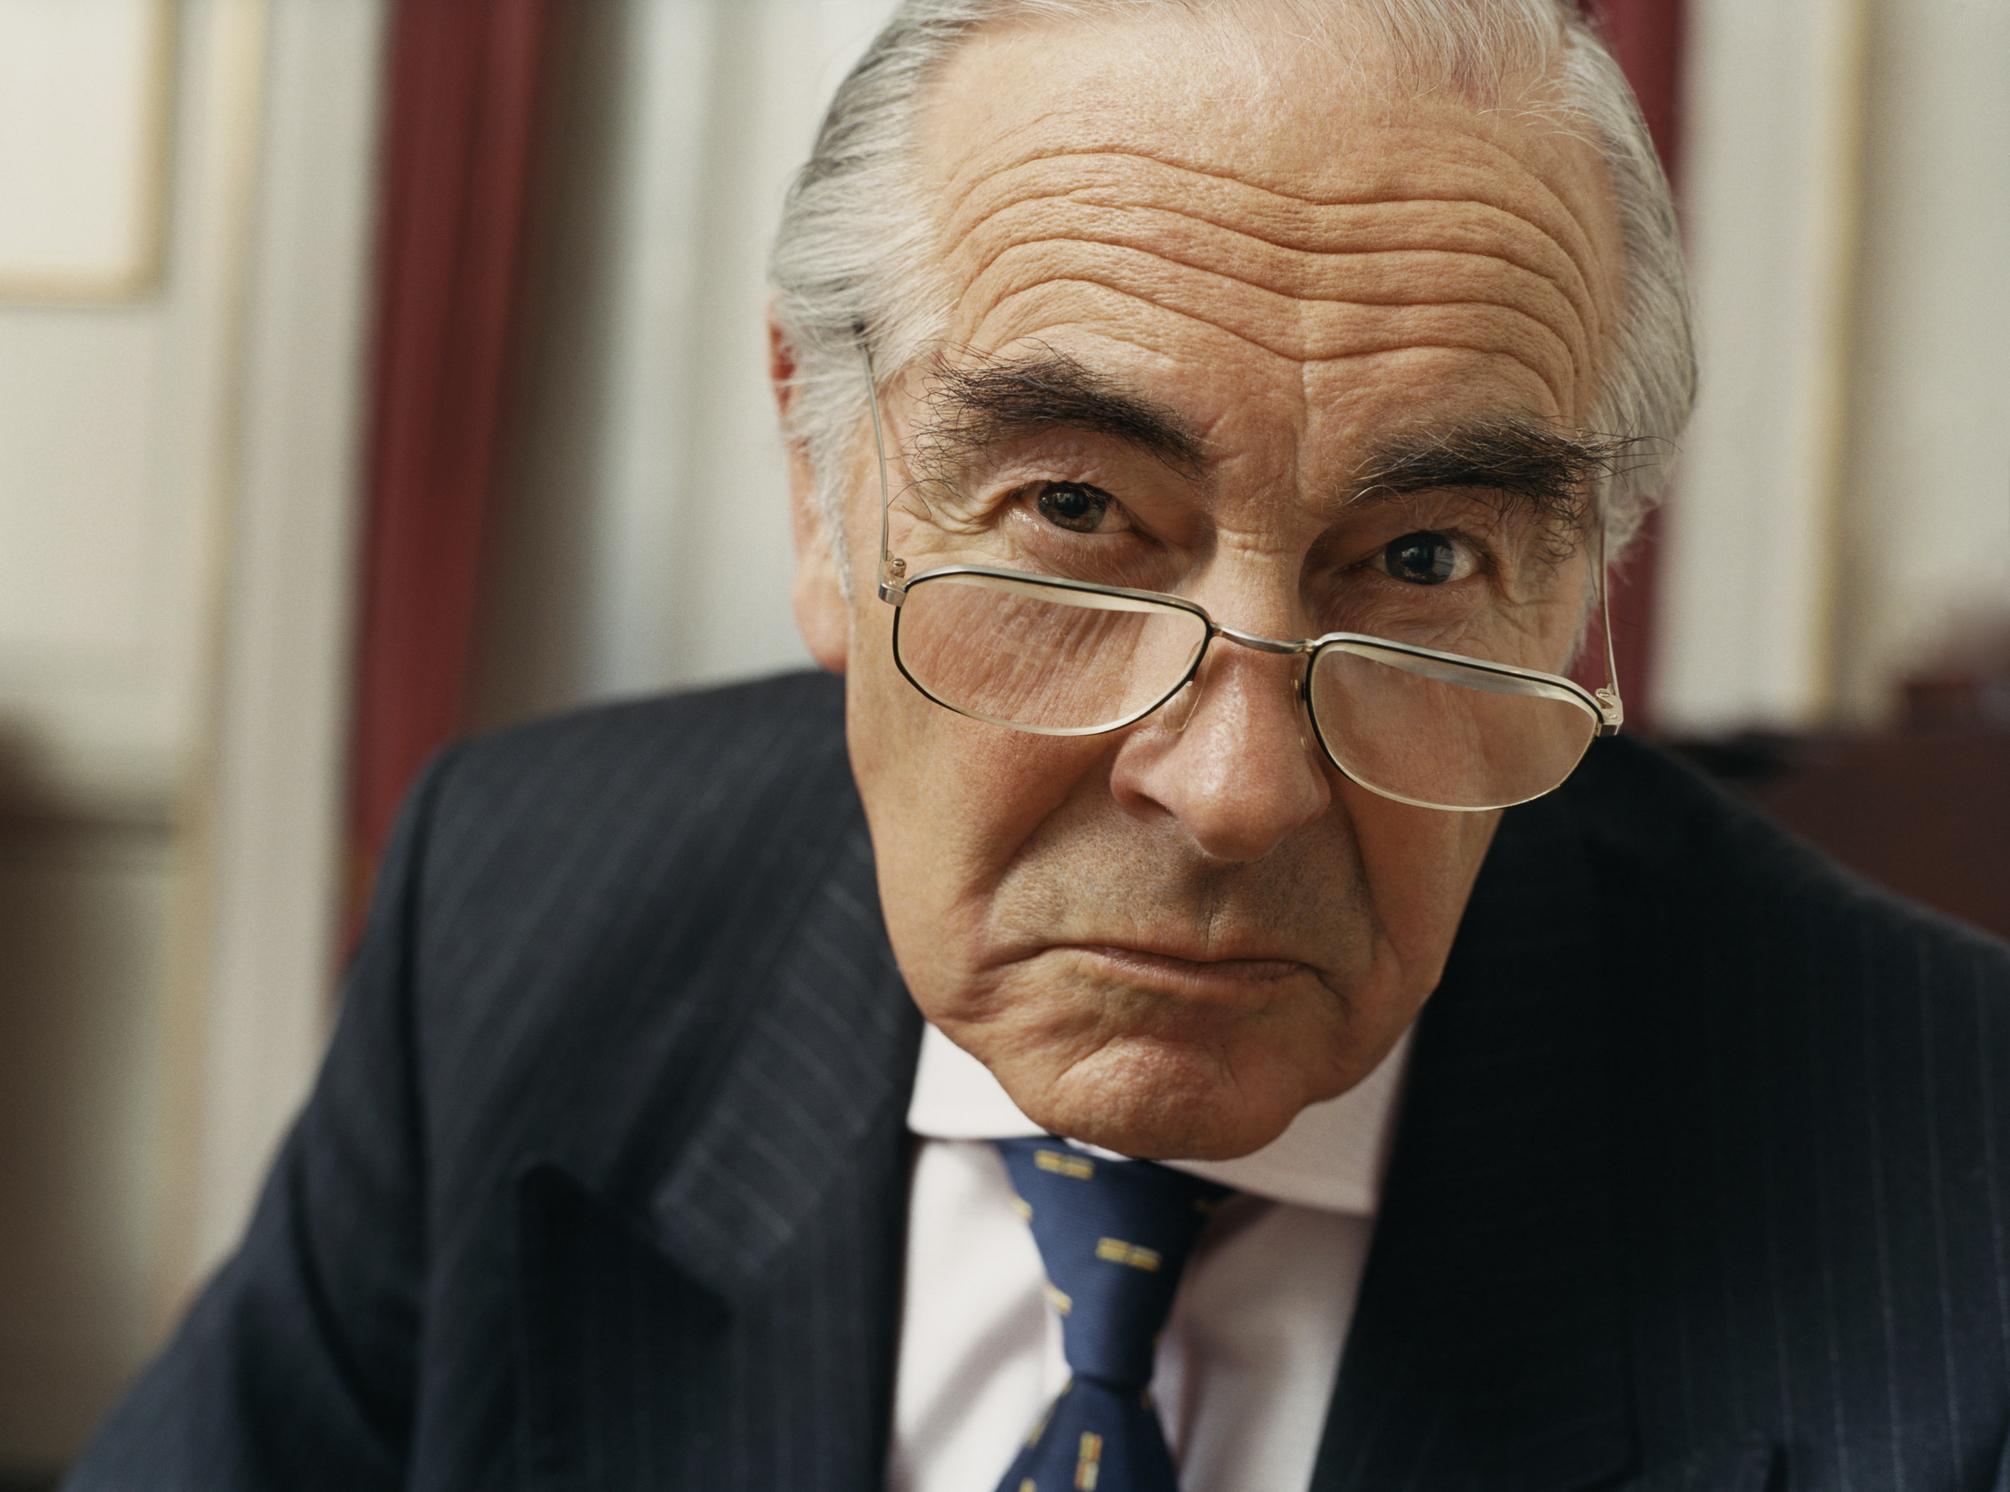 A scowling wealthy elderly man in a suit.